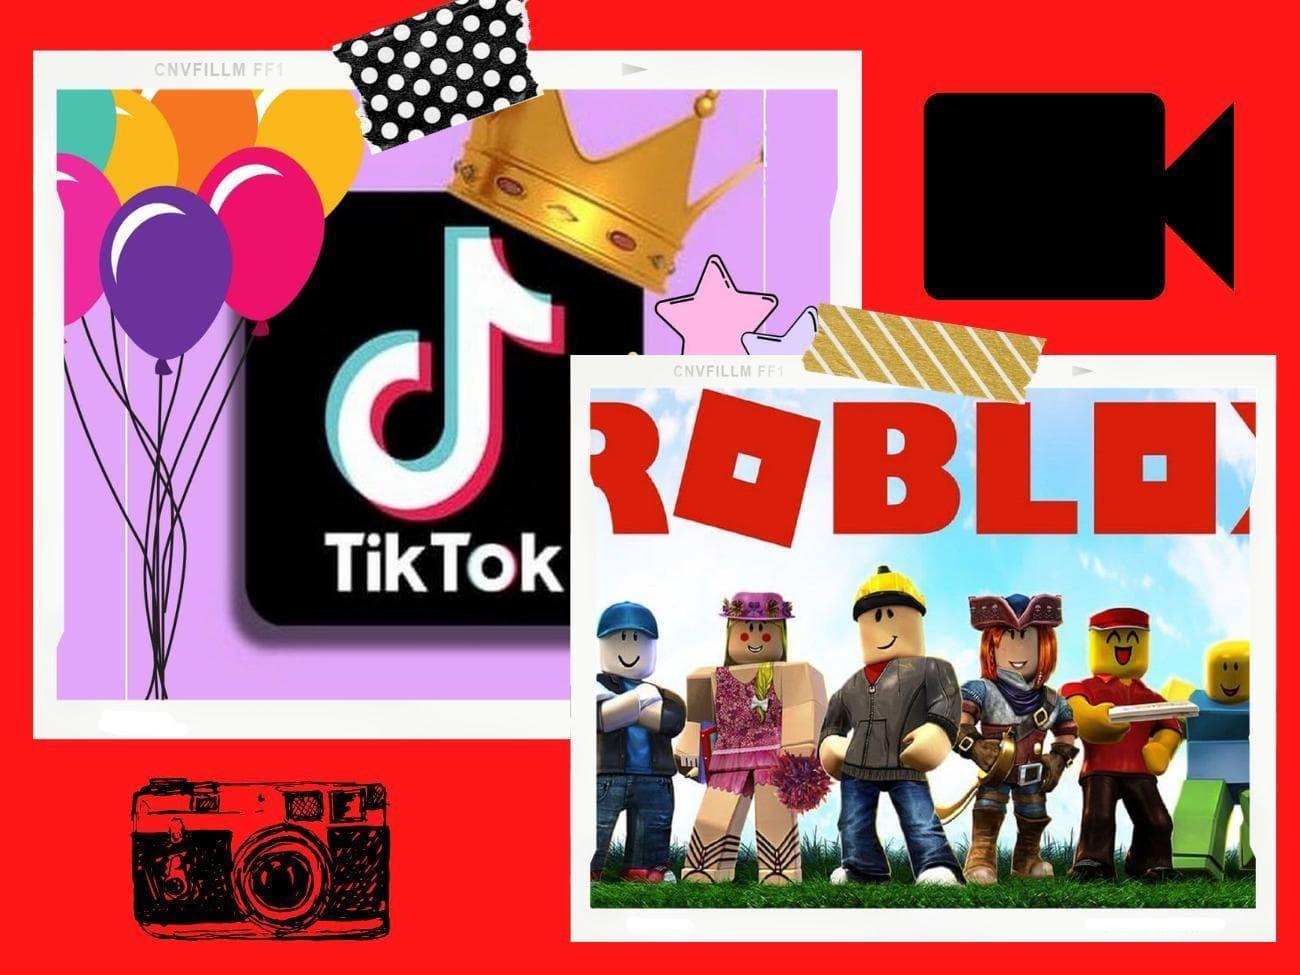 Знакомимся с новыми праздничными программами - Тик Ток вечеринка и Роблокс (Roblox)